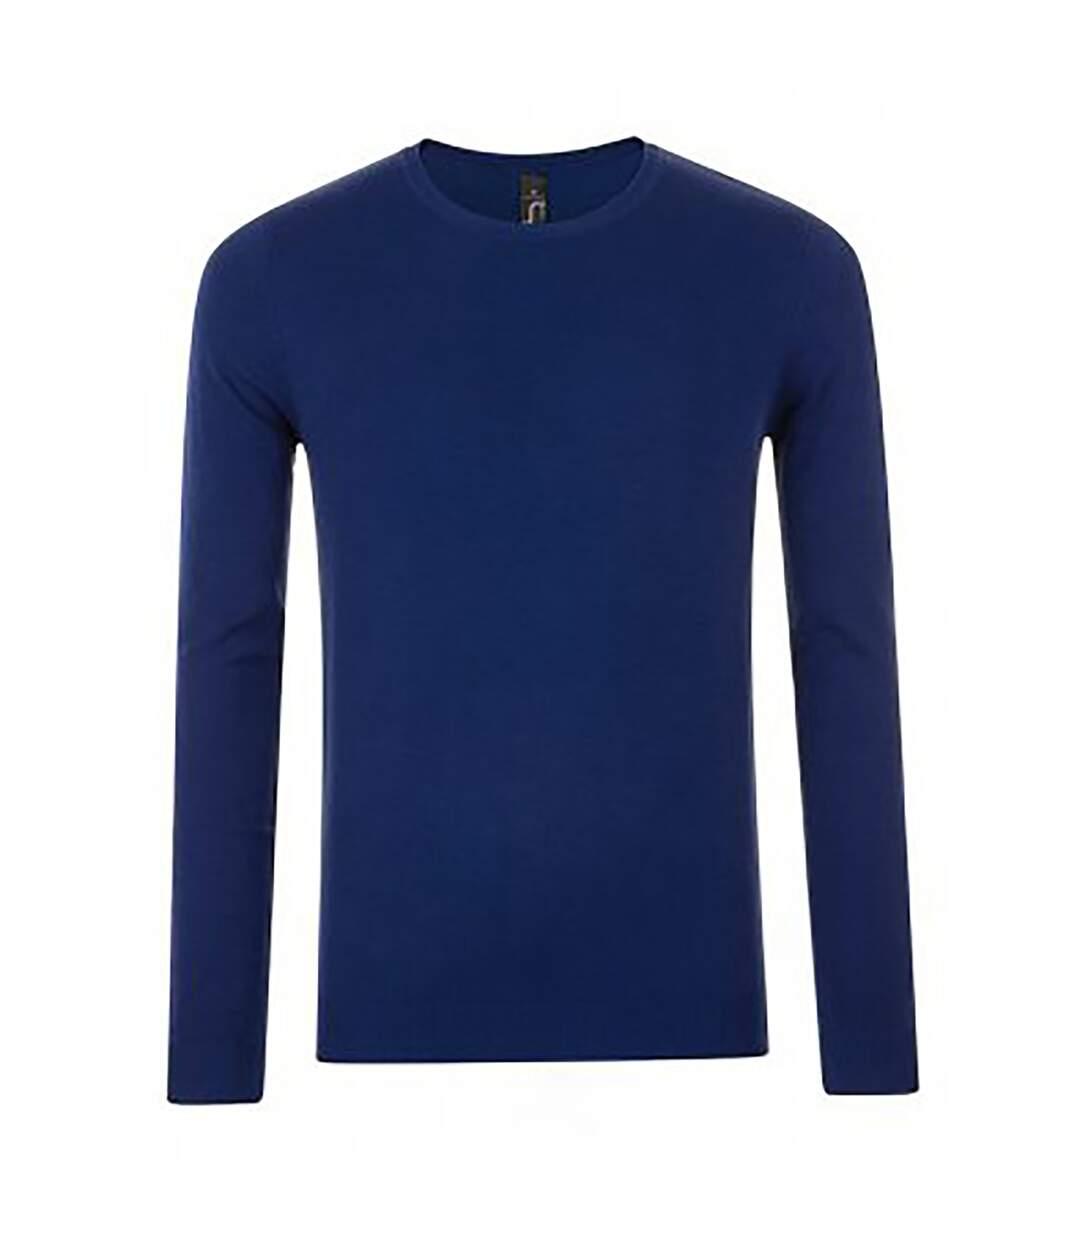 SOLS Mens Ginger Crew Neck Sweater (Black) - UTPC2831